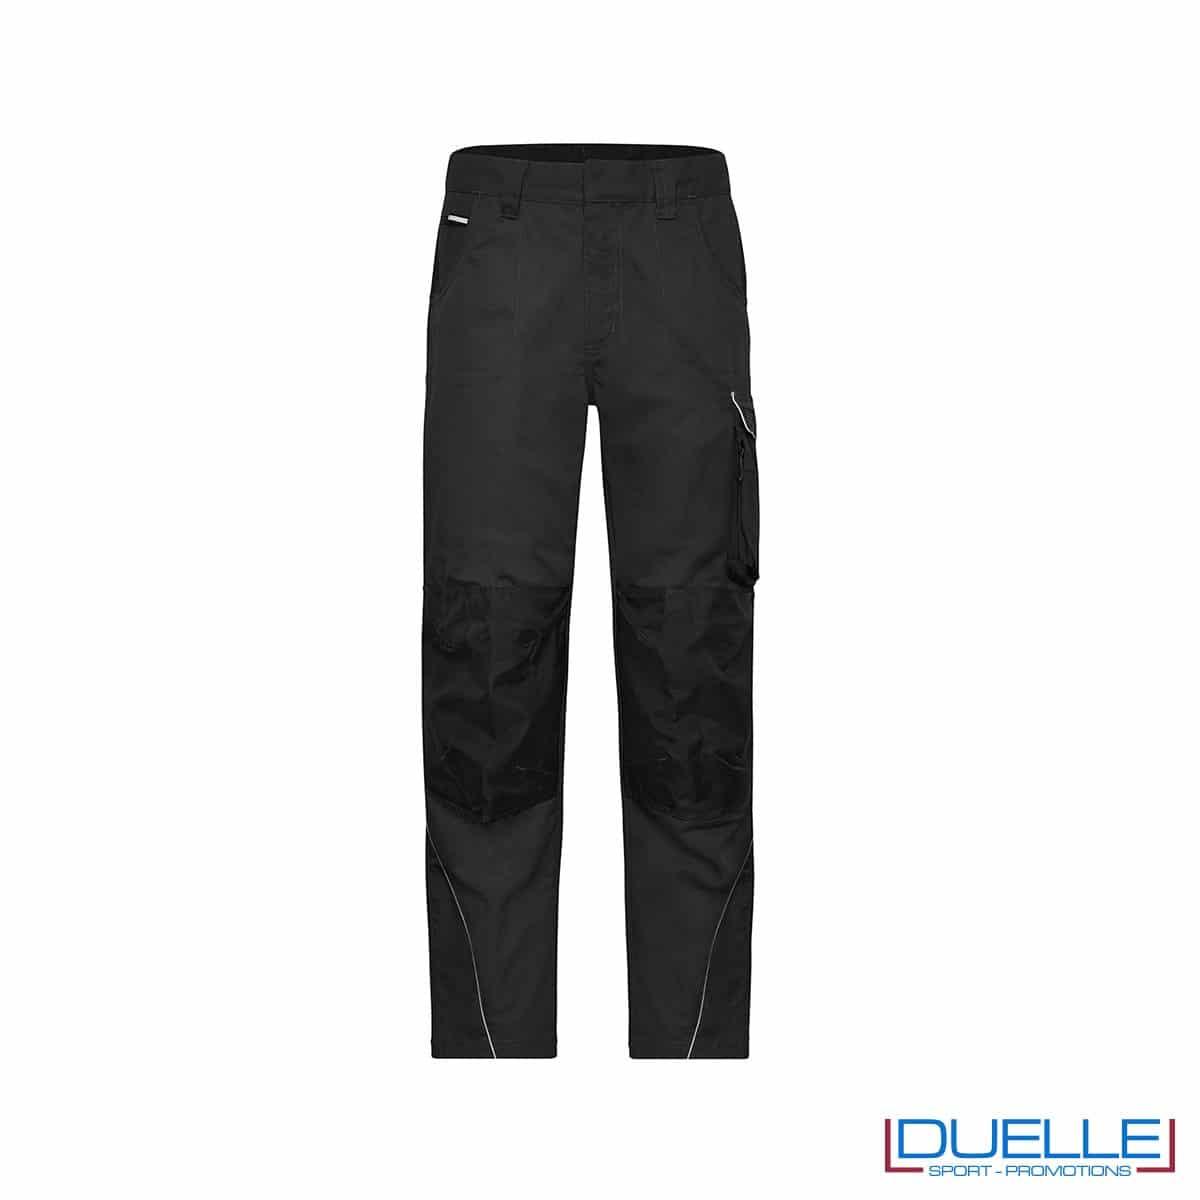 pantalone lungo da lavoro personalizzato in colore nero